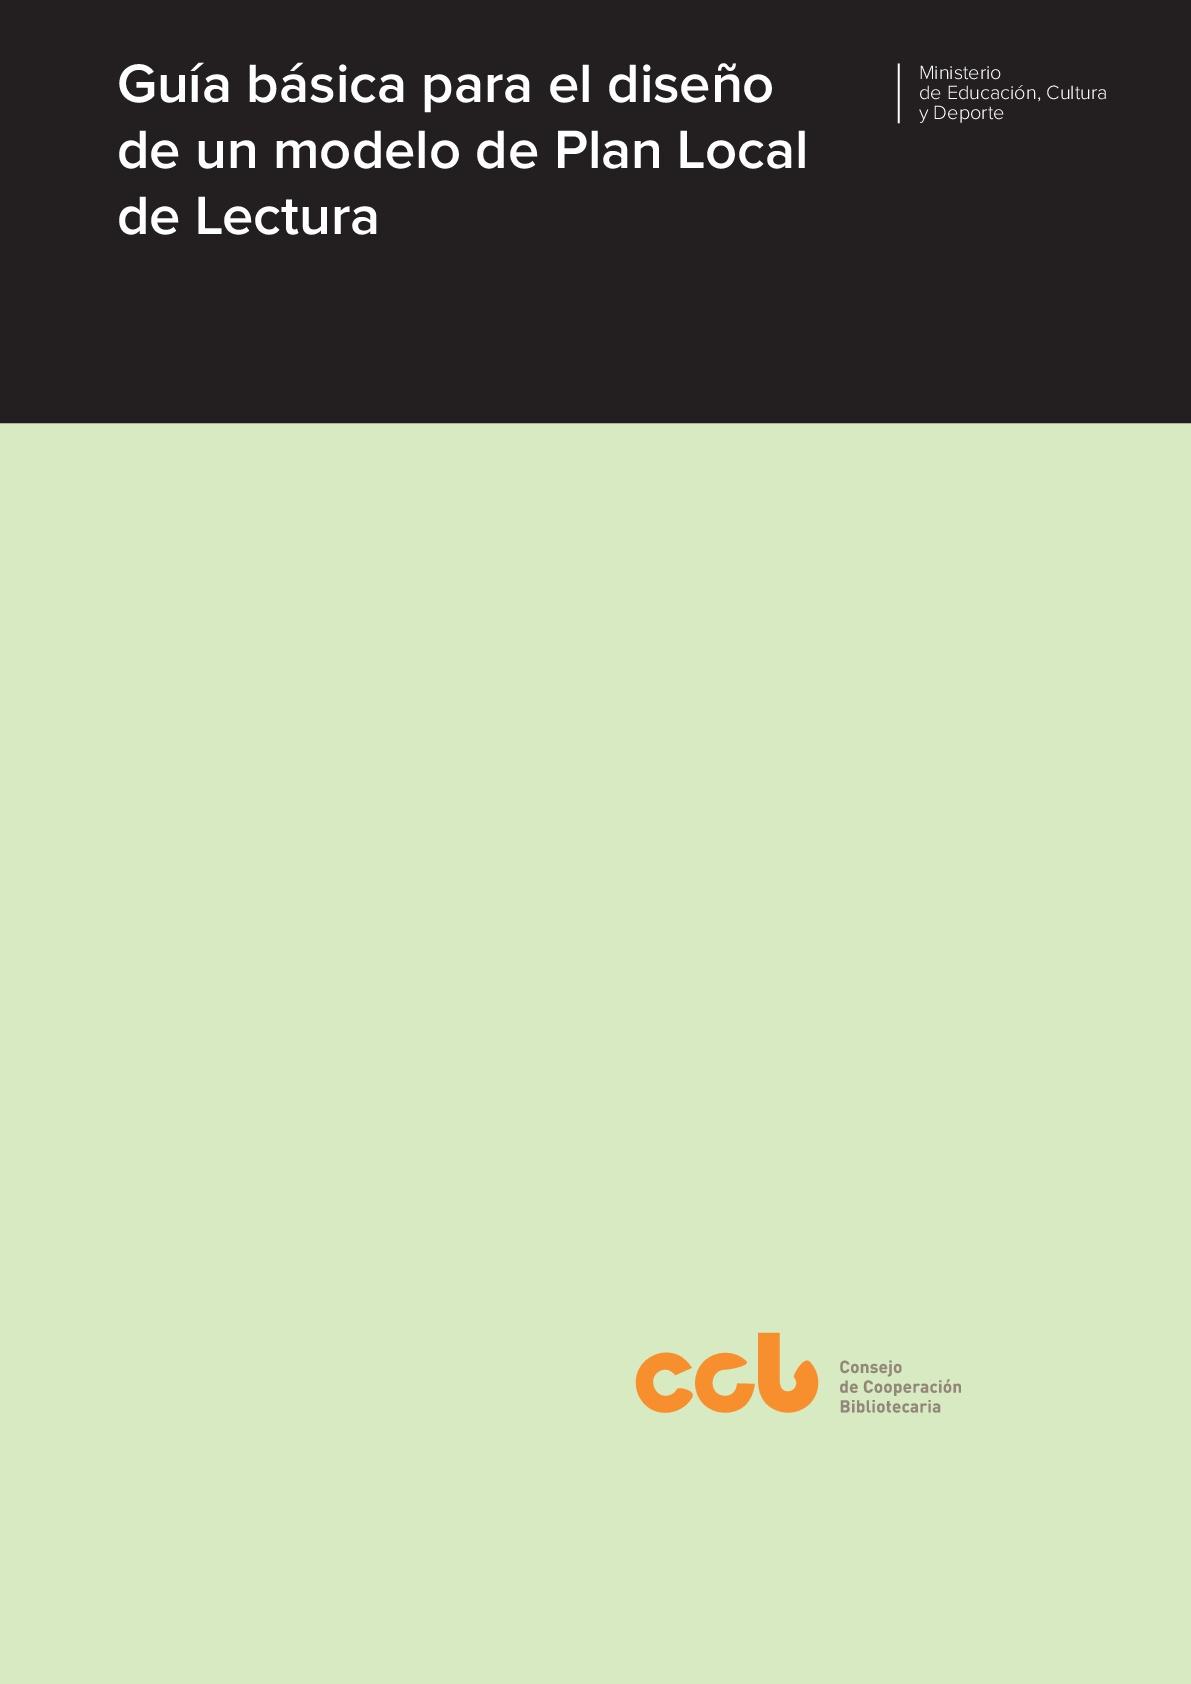 Guía básica para el diseño de un modelo de Plan Local de Lectura